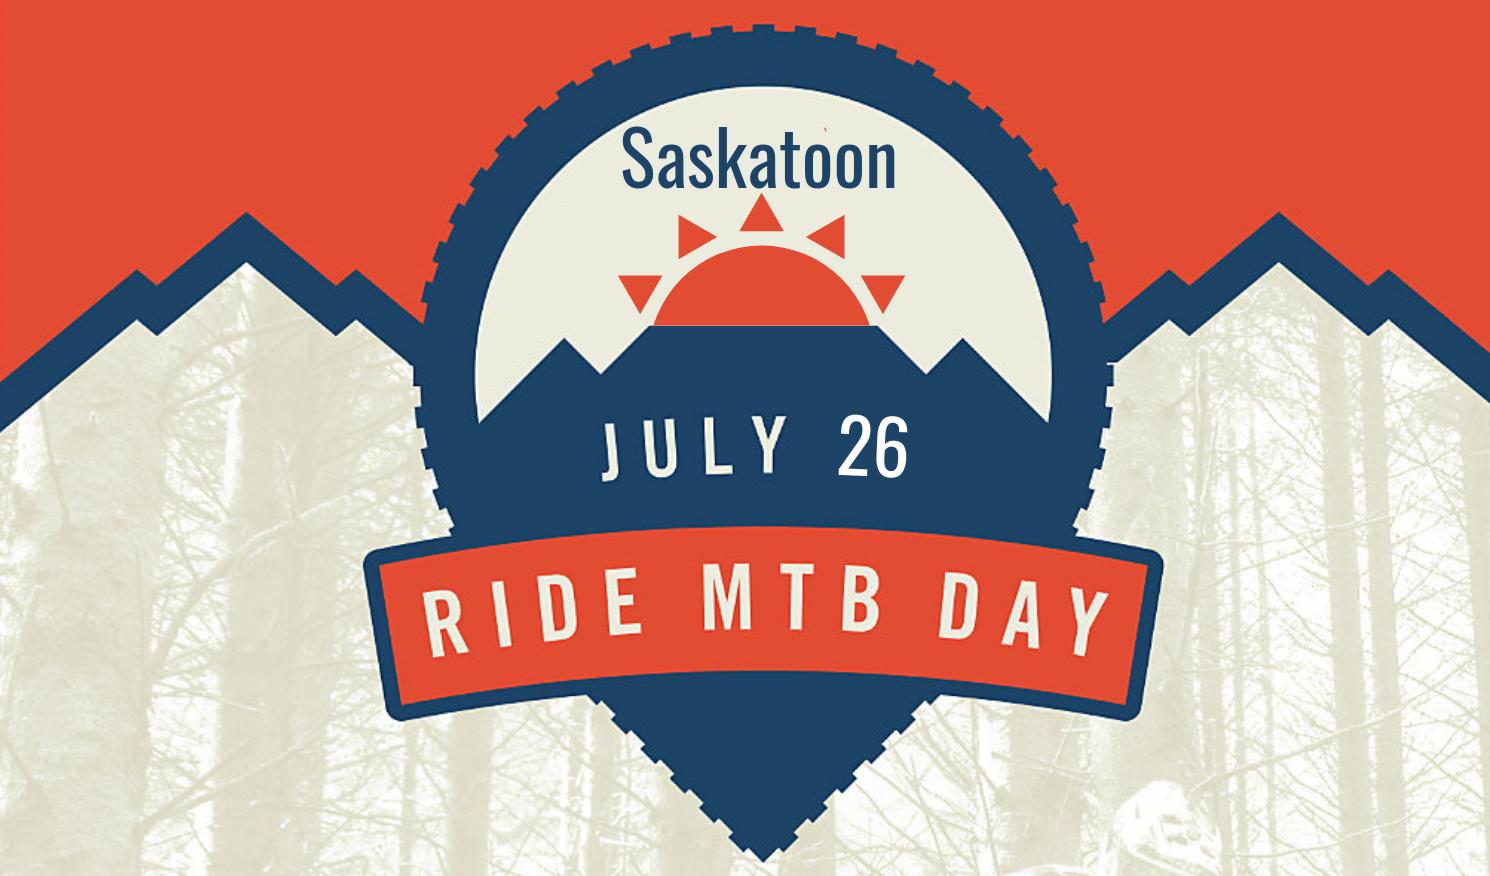 International MTB Day – July 26th